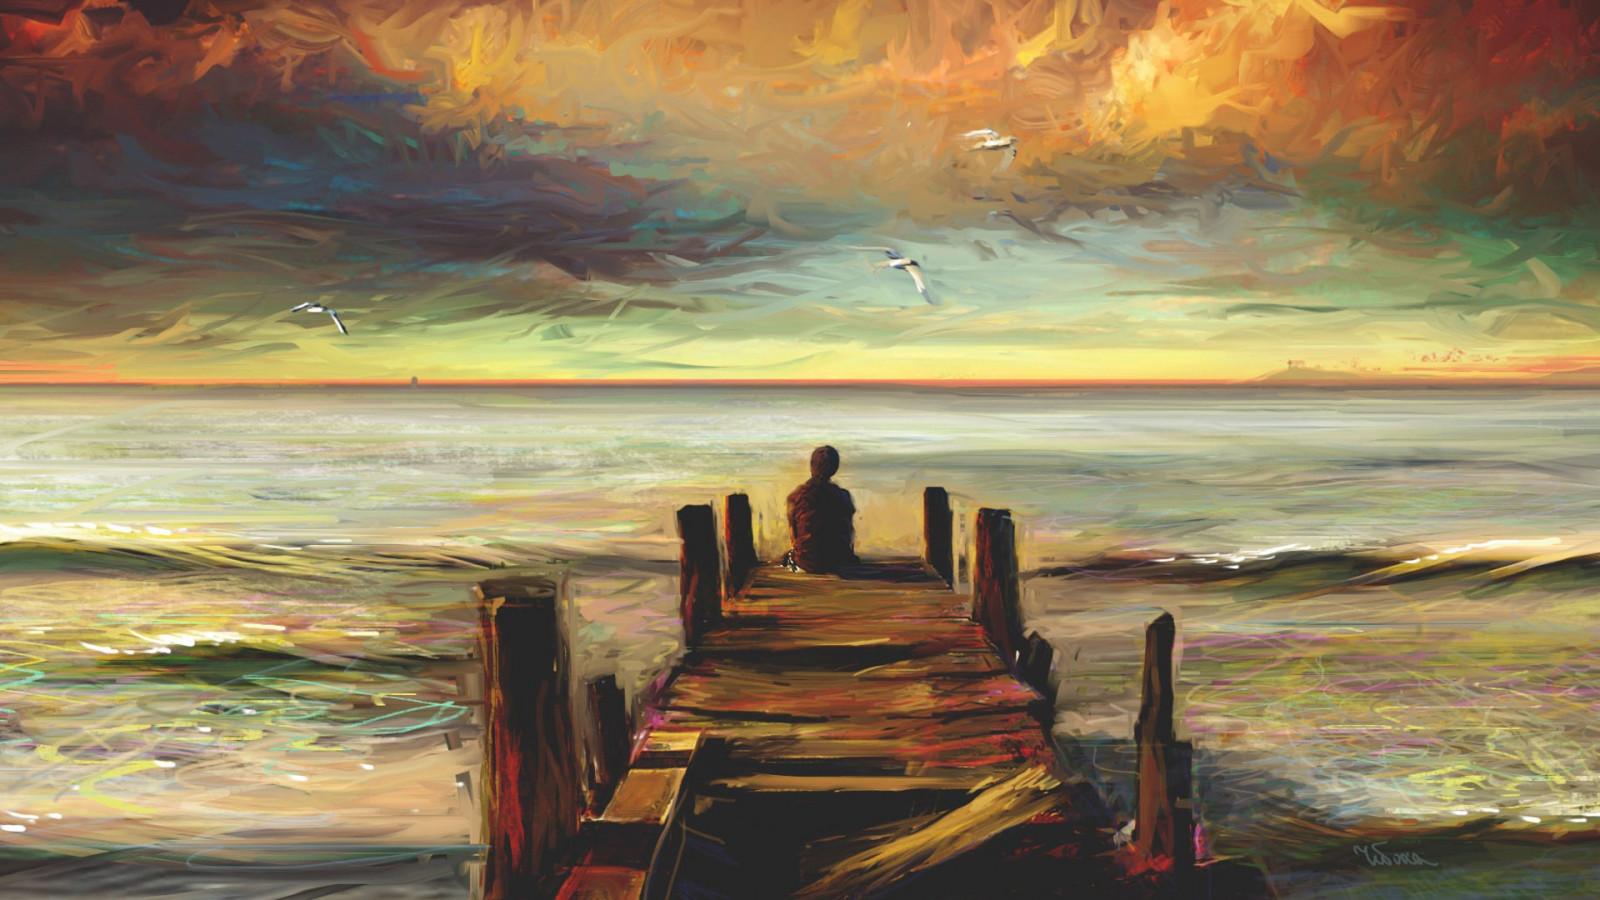 pintura puesta de sol mar Obra de arte amanecer noche costa horizonte muelle ART amanecer Oceano ola arte Moderno pintura acrilica Impresionista